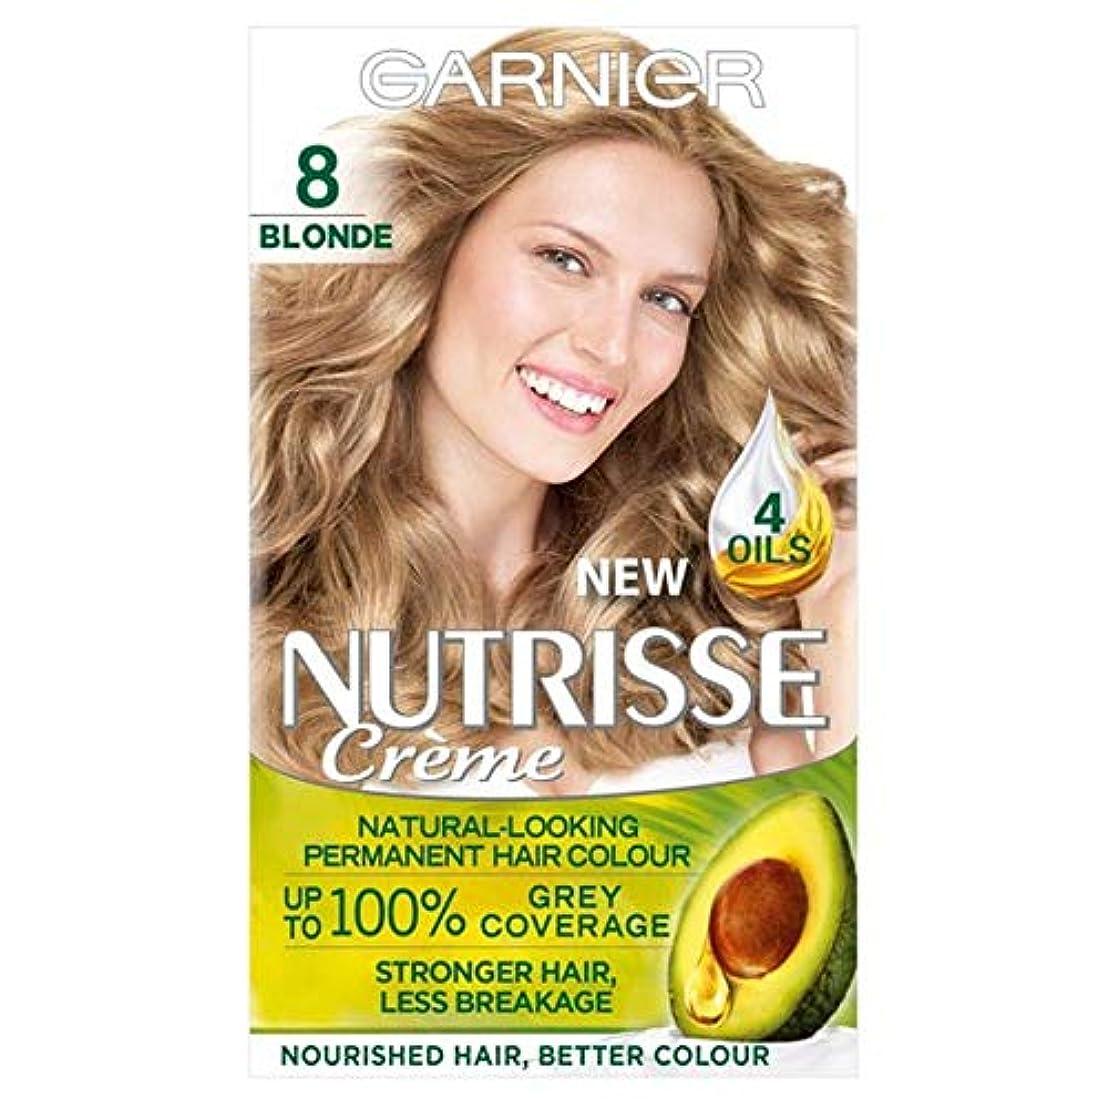 可能性中断スポークスマン[Nutrisse] 8ブロンドの永久染毛剤Nutrisseガルニエ - Garnier Nutrisse 8 Blonde Permanent Hair Dye [並行輸入品]